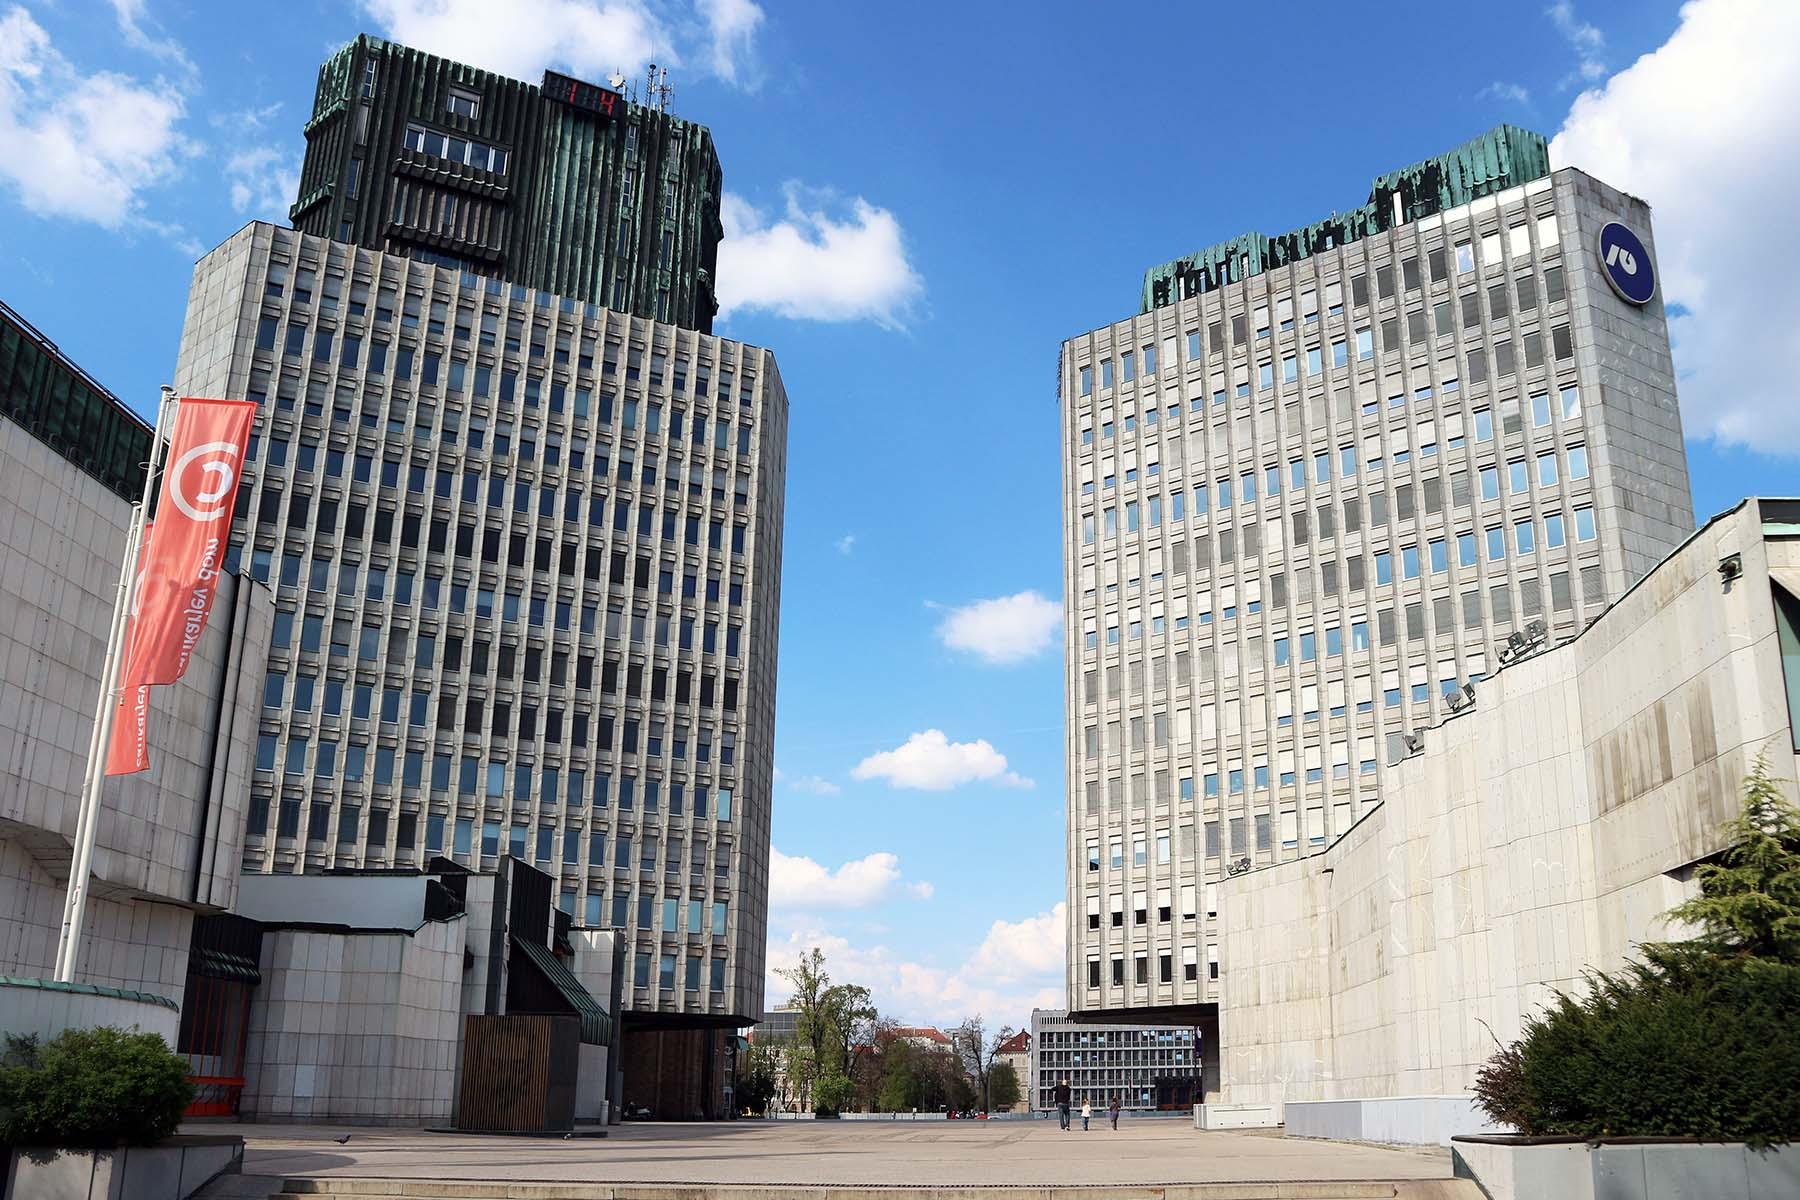 Platz der Republik.  Der Platz der Republik ist das Ergebnis von fast zwanzig Jahren Studium des städtischen Raums. Es bildet zusammen mit dem Parlamentsgebäude das politische Zentrum Sloweniens.